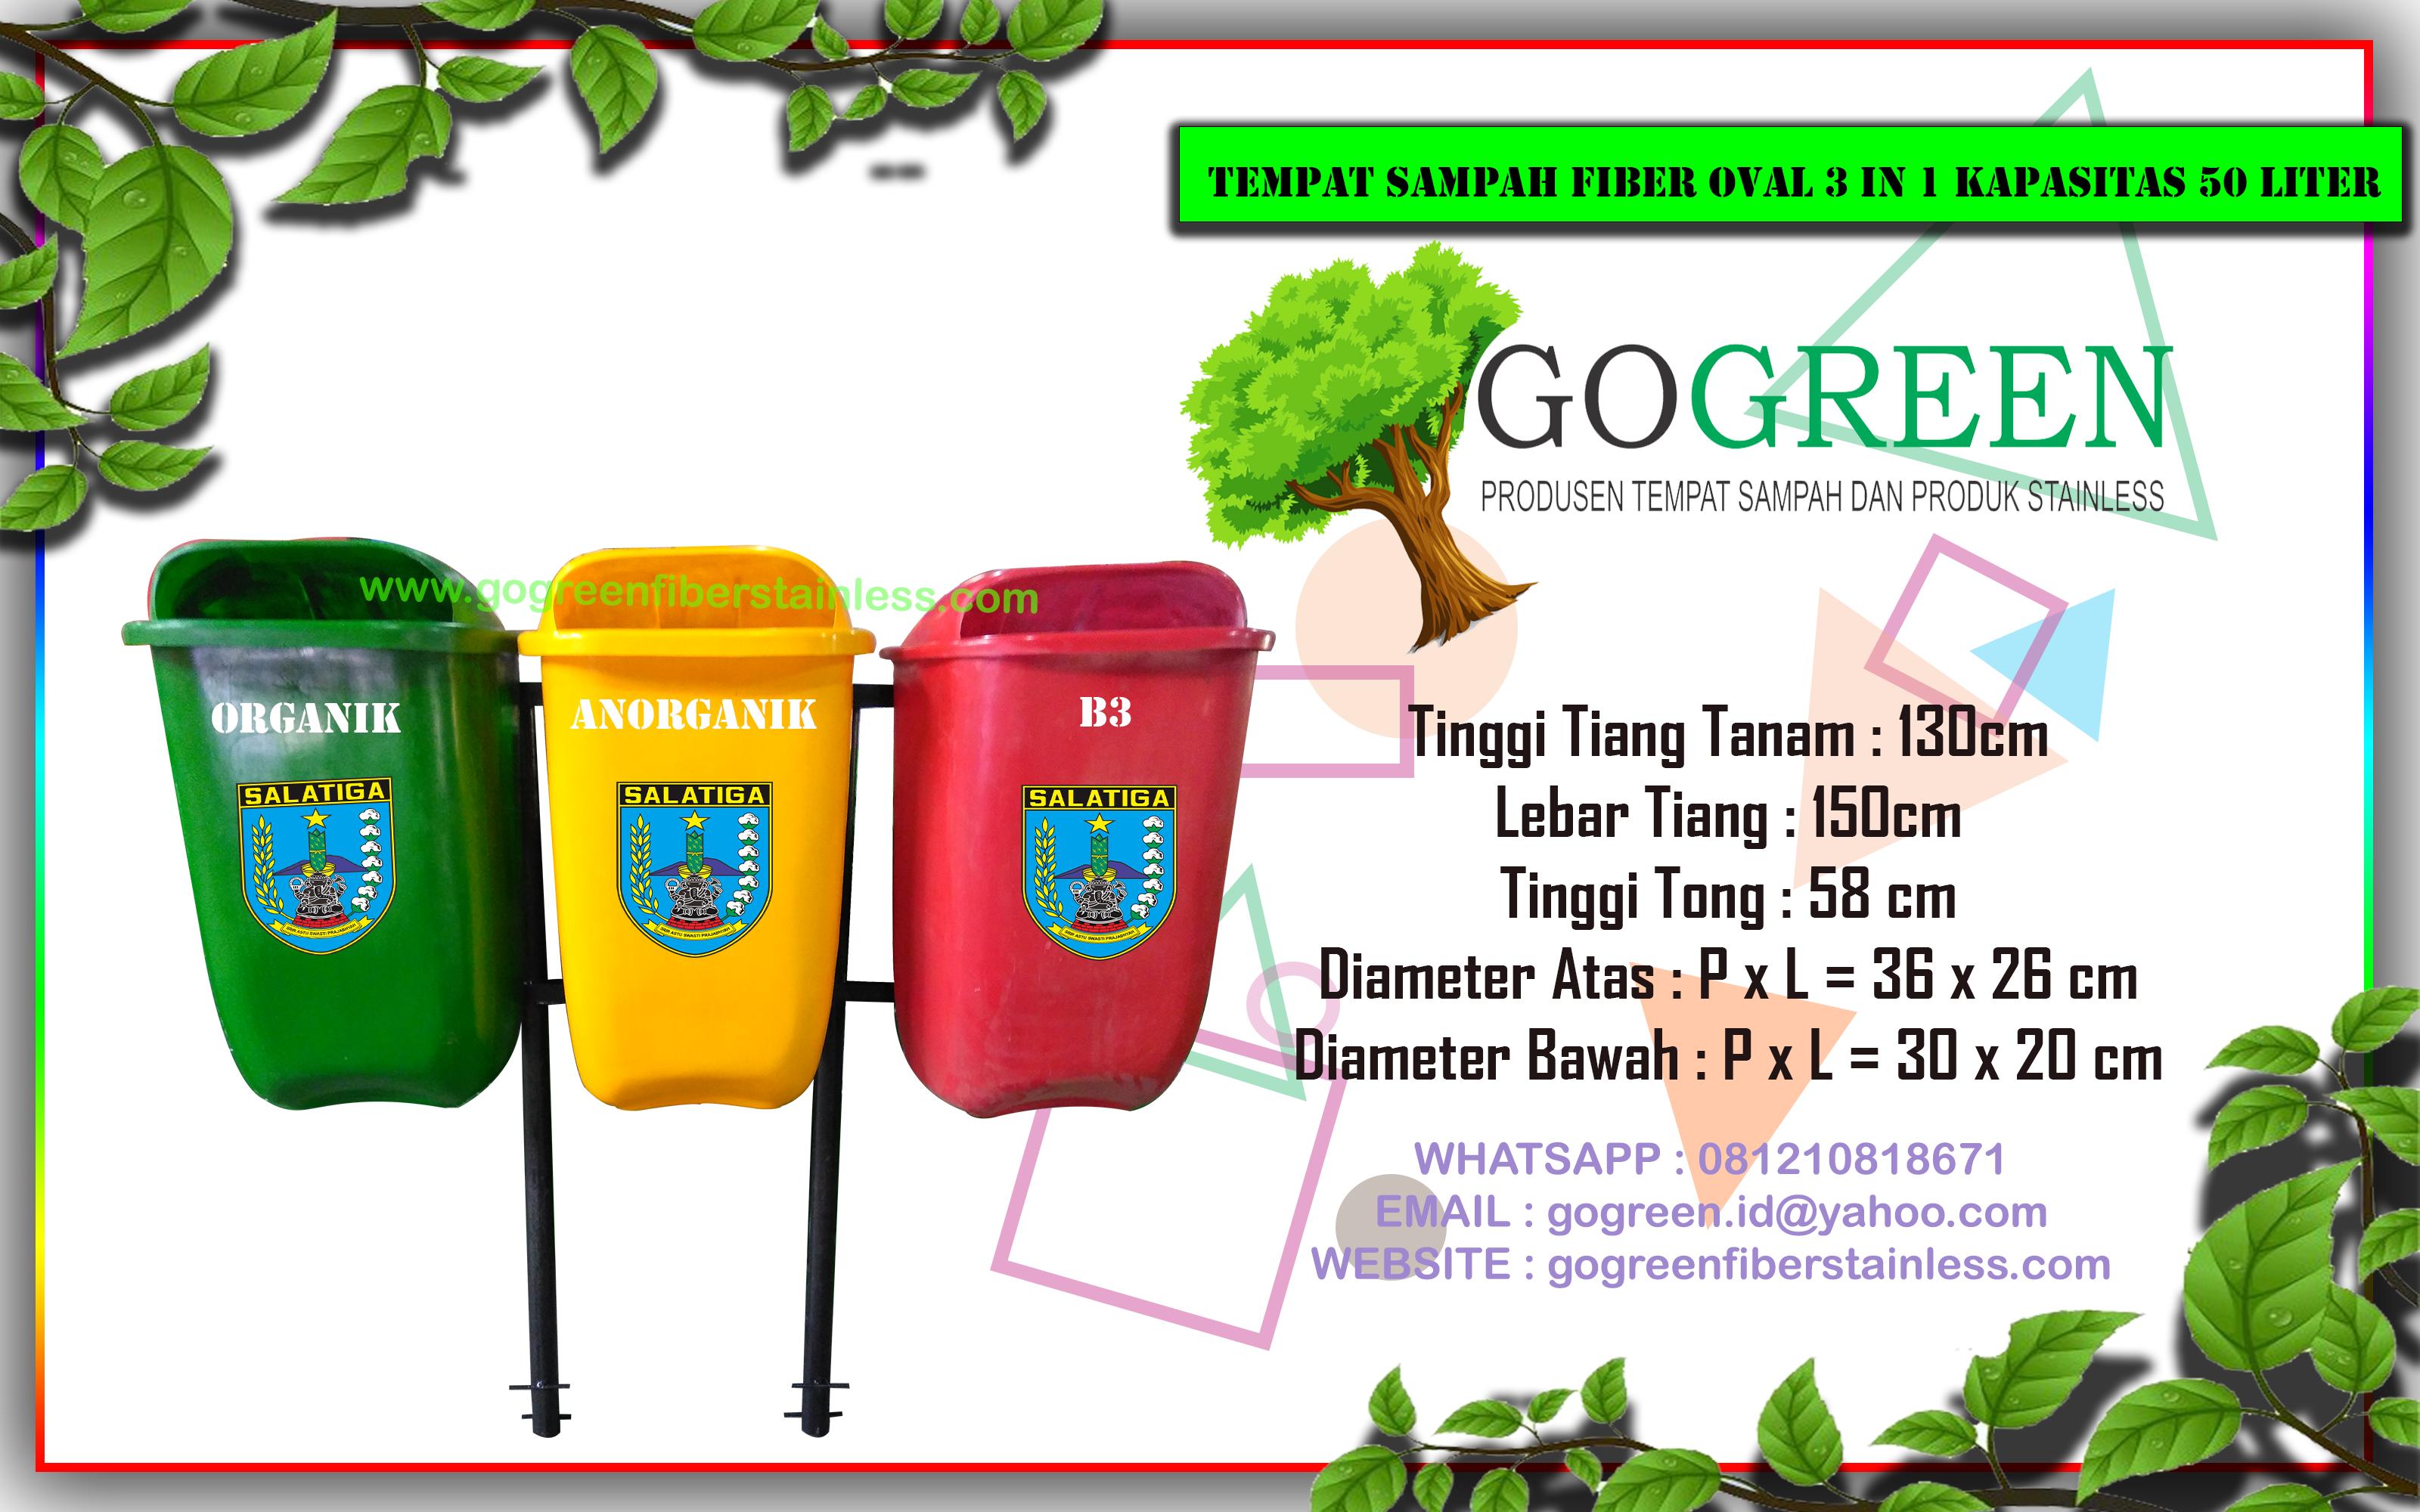 jual tempat sampah fiber oval 3 in 1 kapasitas 50 liter tiang geser di Salatiga, harga tong sampah fiberglass 3 pilah, 3 warna, disalatiga